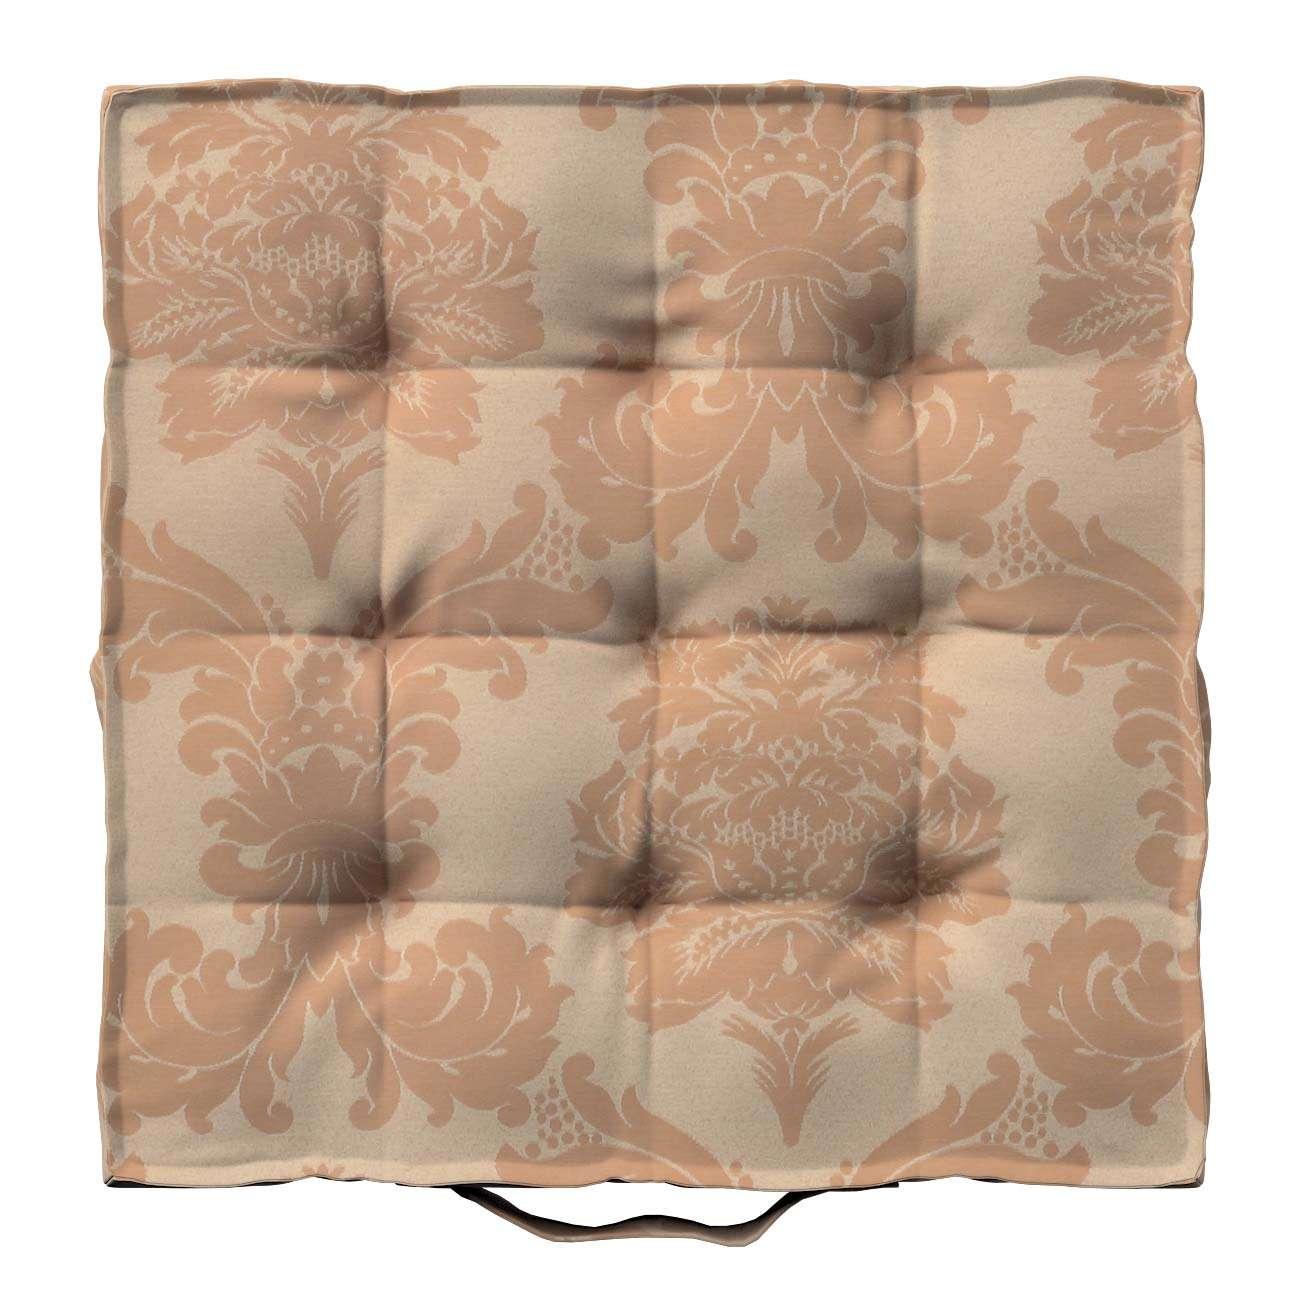 Pagalvėlė Kuba kėdei/ant grindų 40 x 40 x 6 cm kolekcijoje Damasco, audinys: 613-04